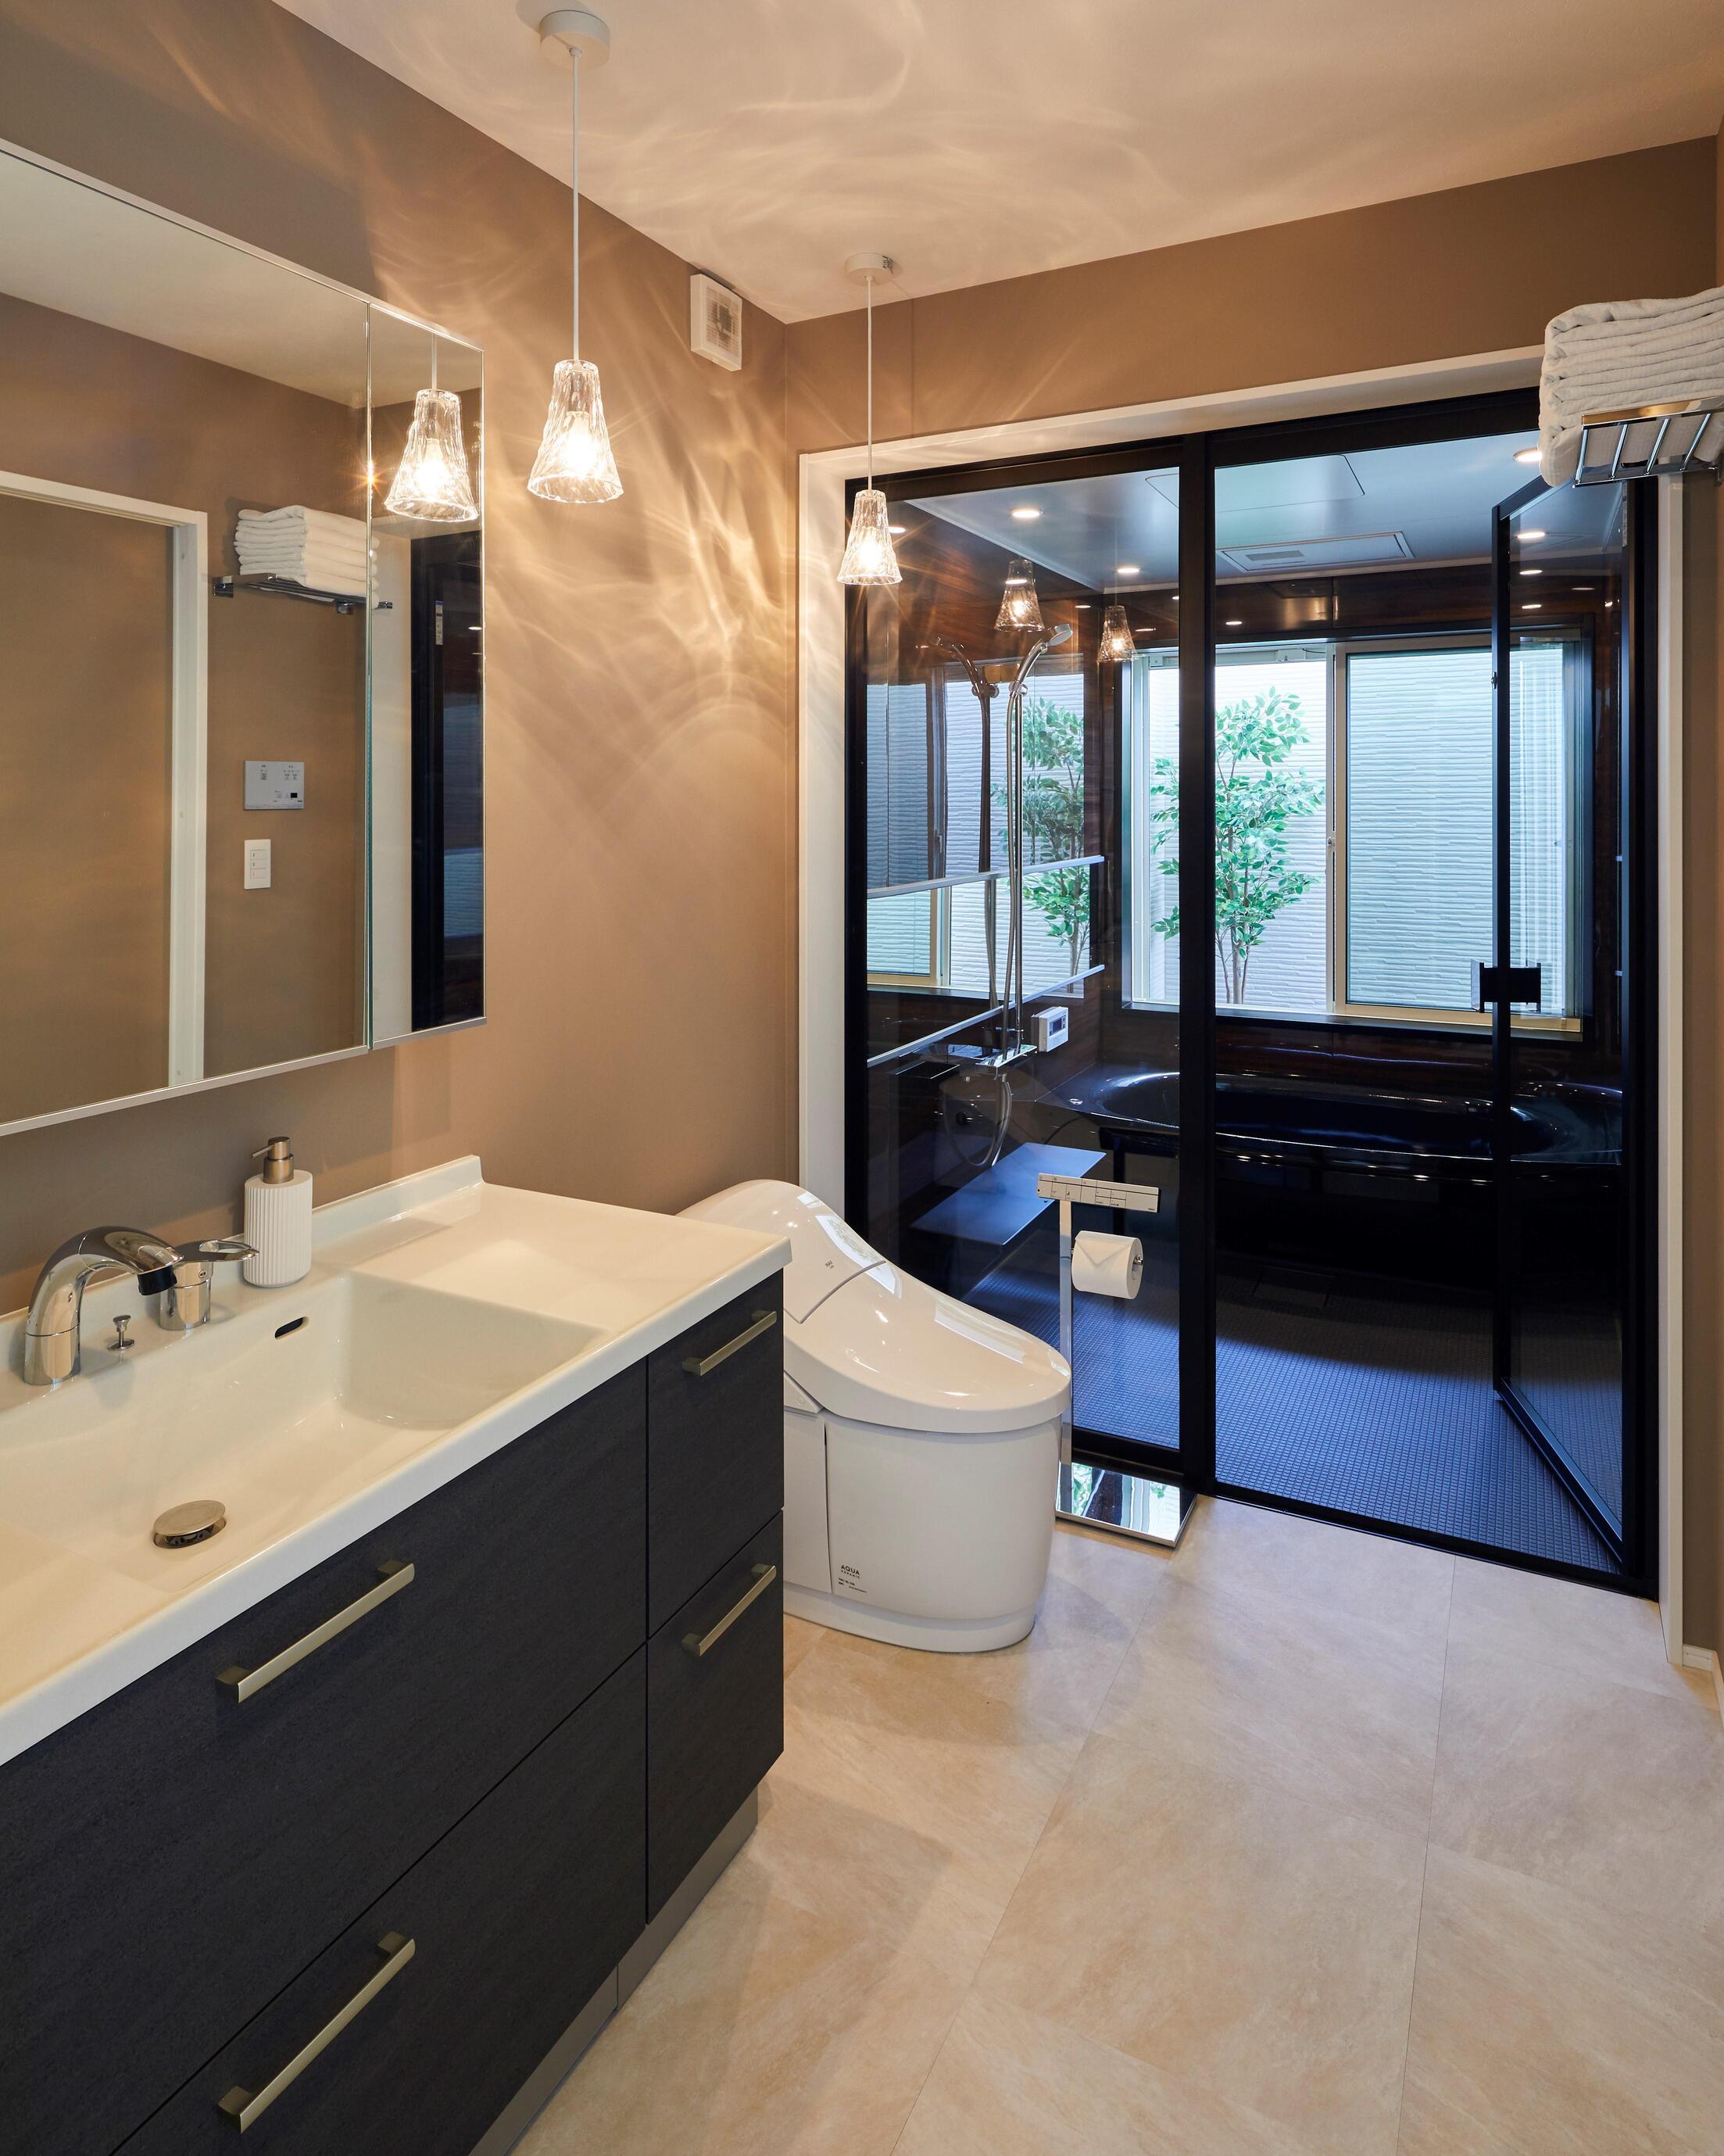 洗面スペースとトイレは一体型で海外のホテルのようなスペースに